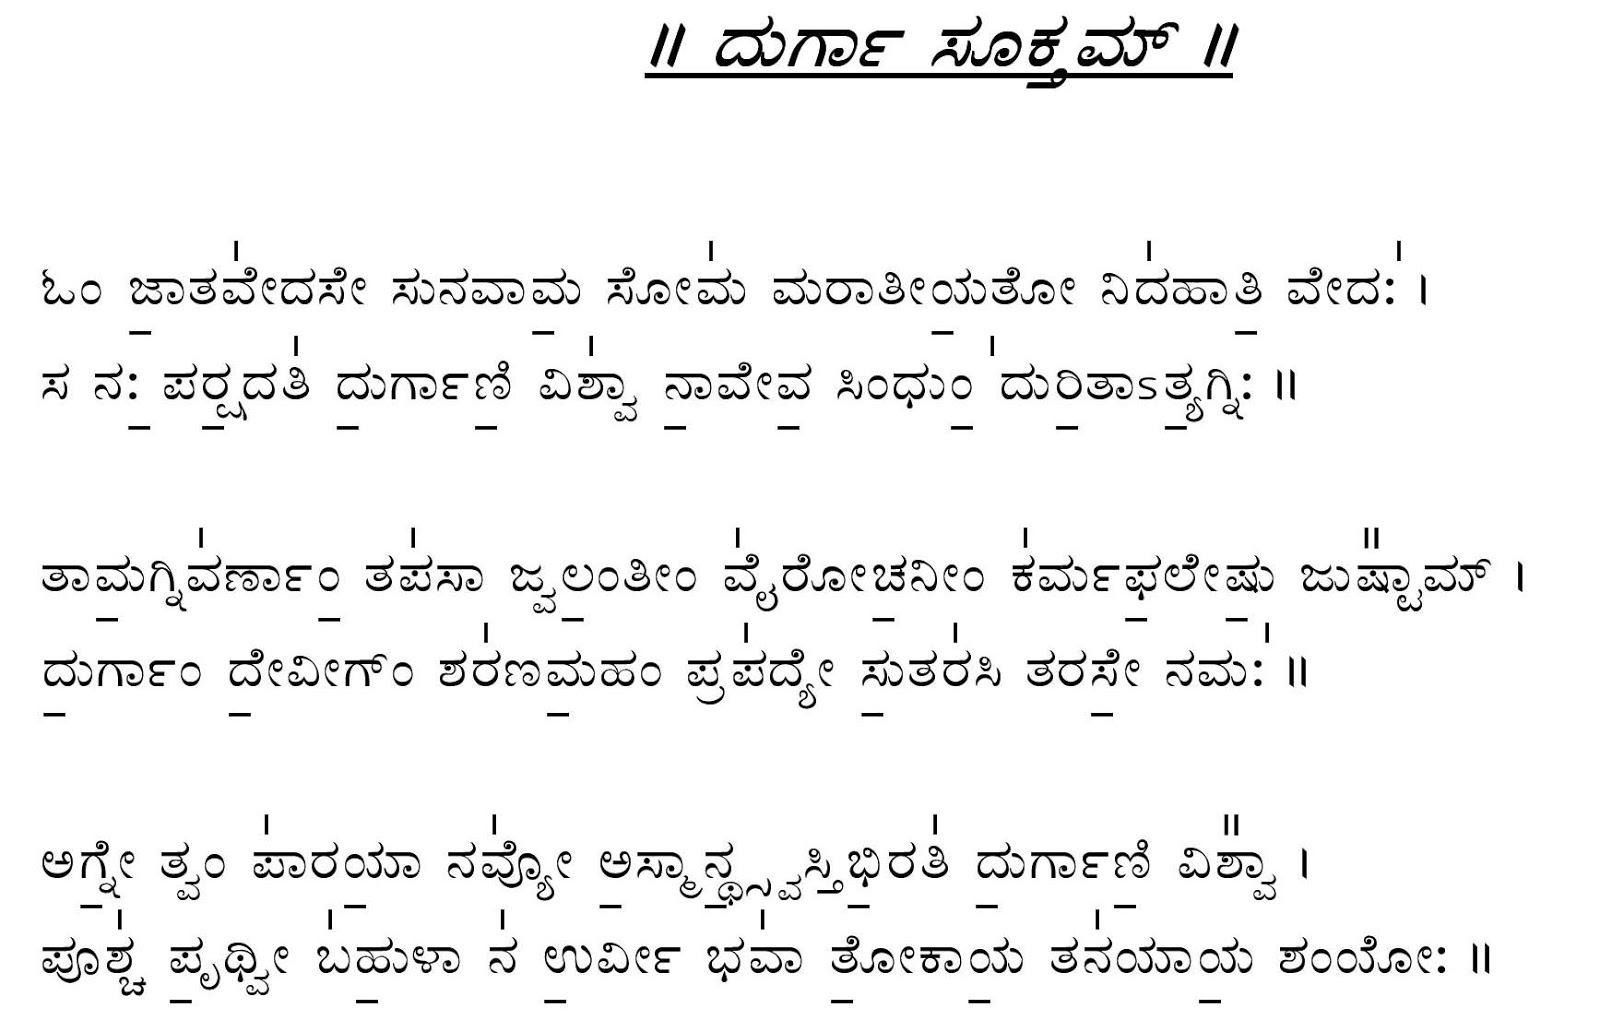 bhagya suktam mp3 free download